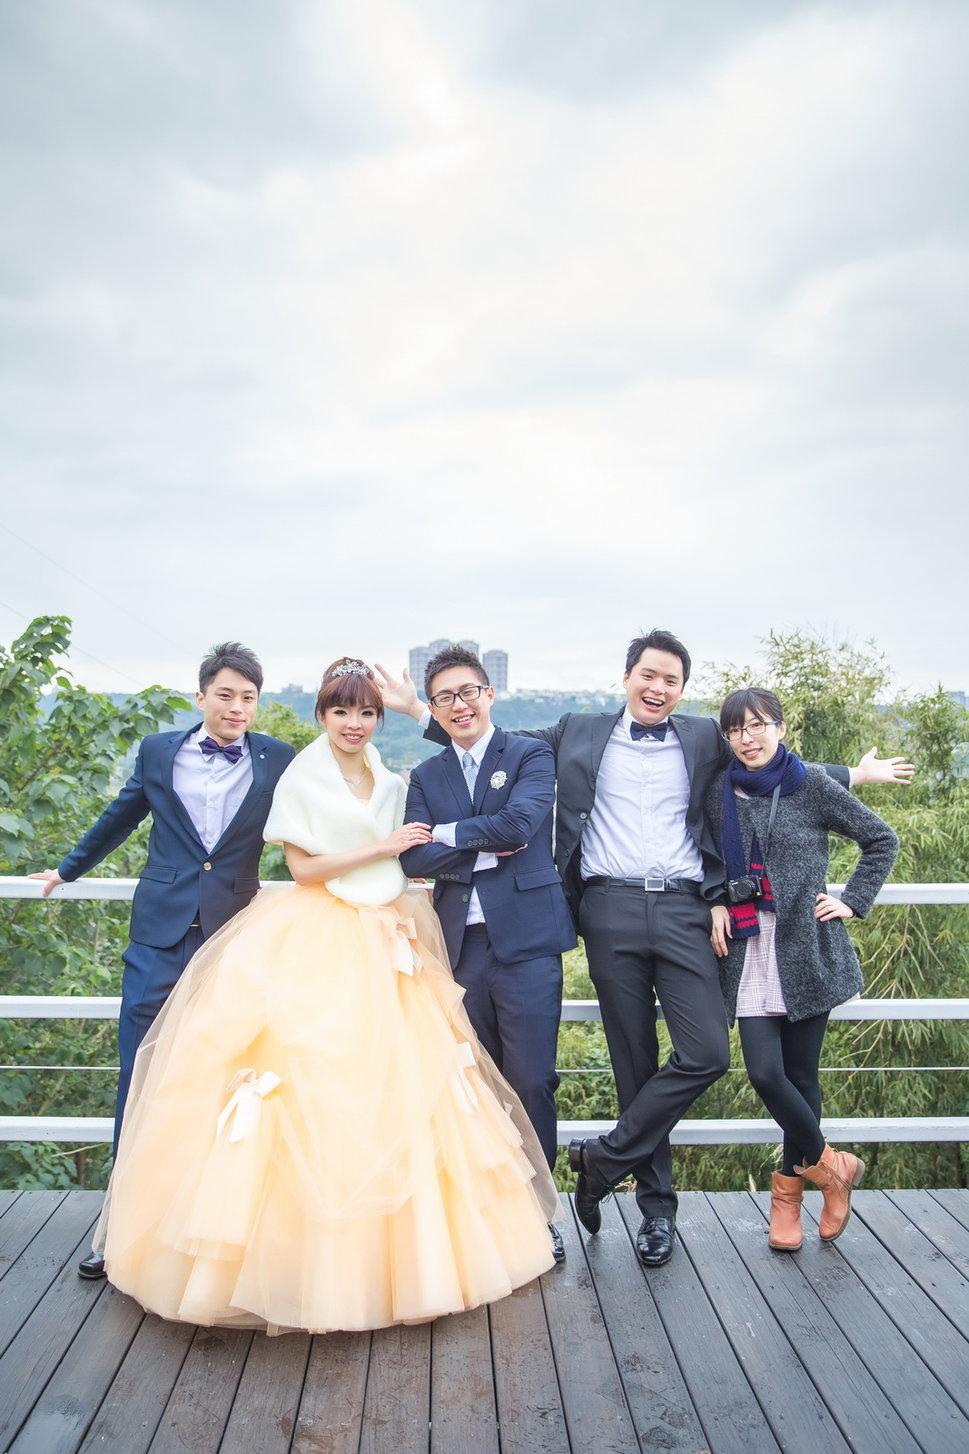 婚禮記錄作品集(編號:349635) - 阿卜的攝影工作室 - 結婚吧一站式婚禮服務平台